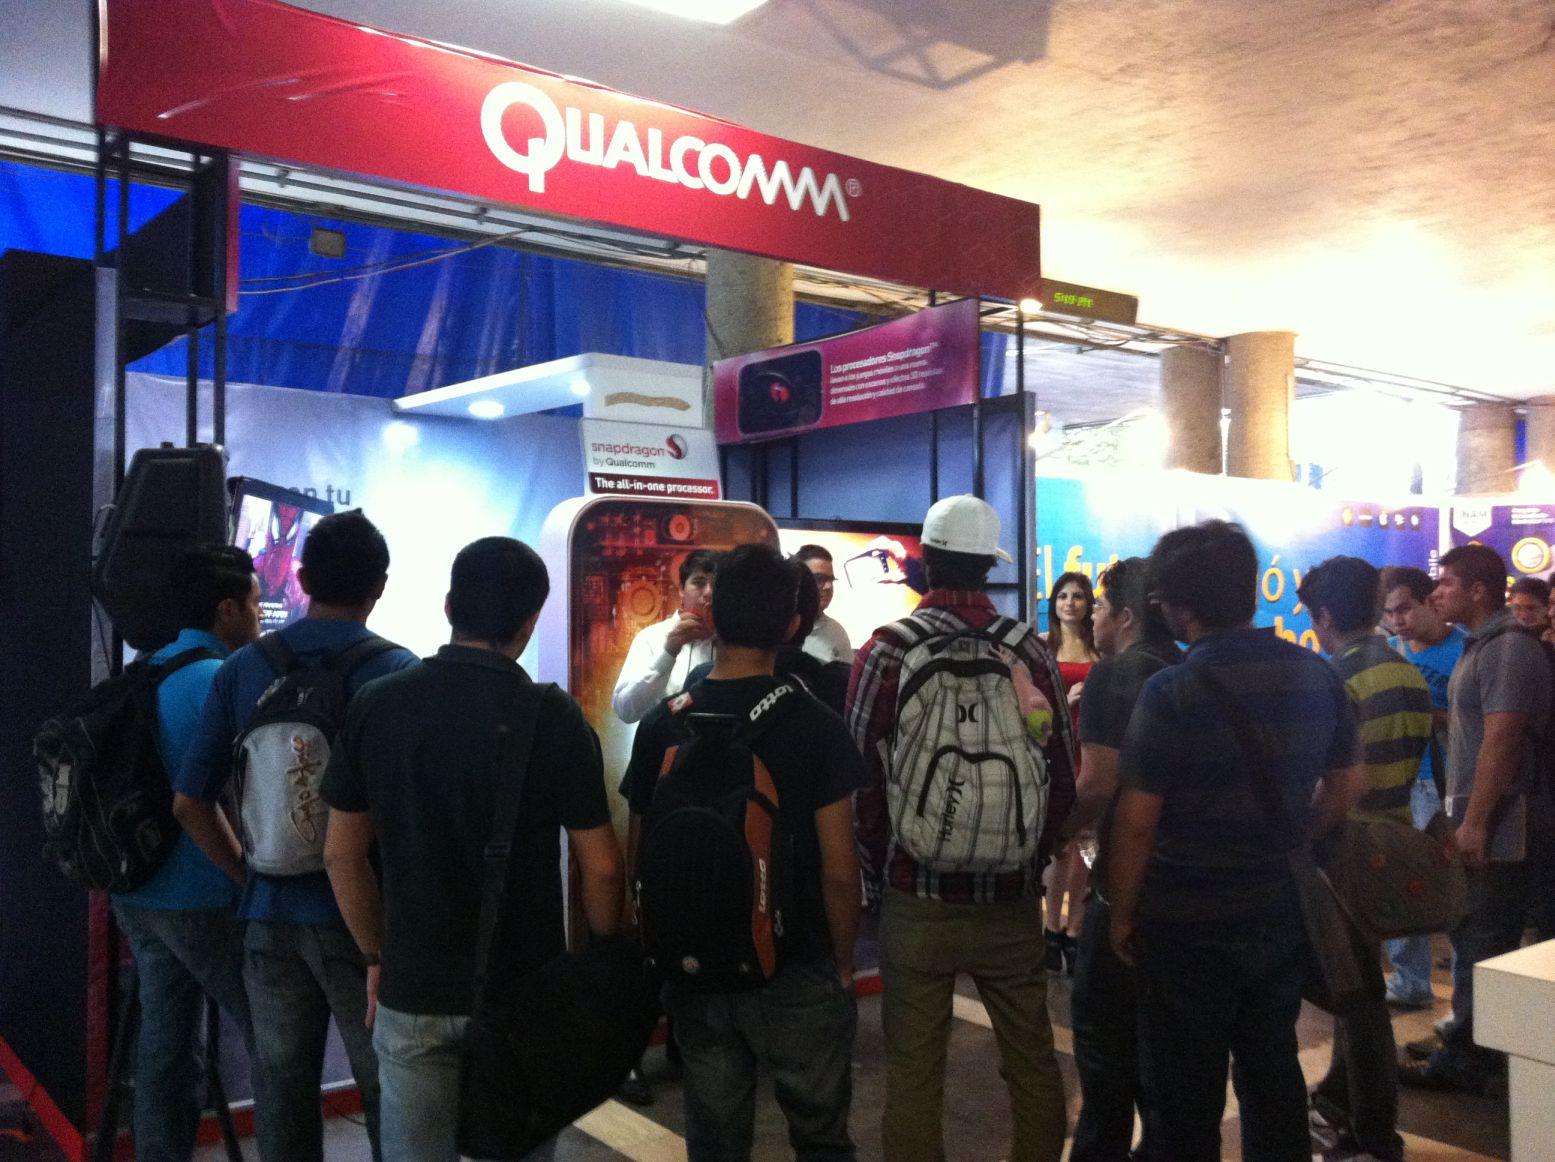 Qualcomm_CUM 2012 -2-